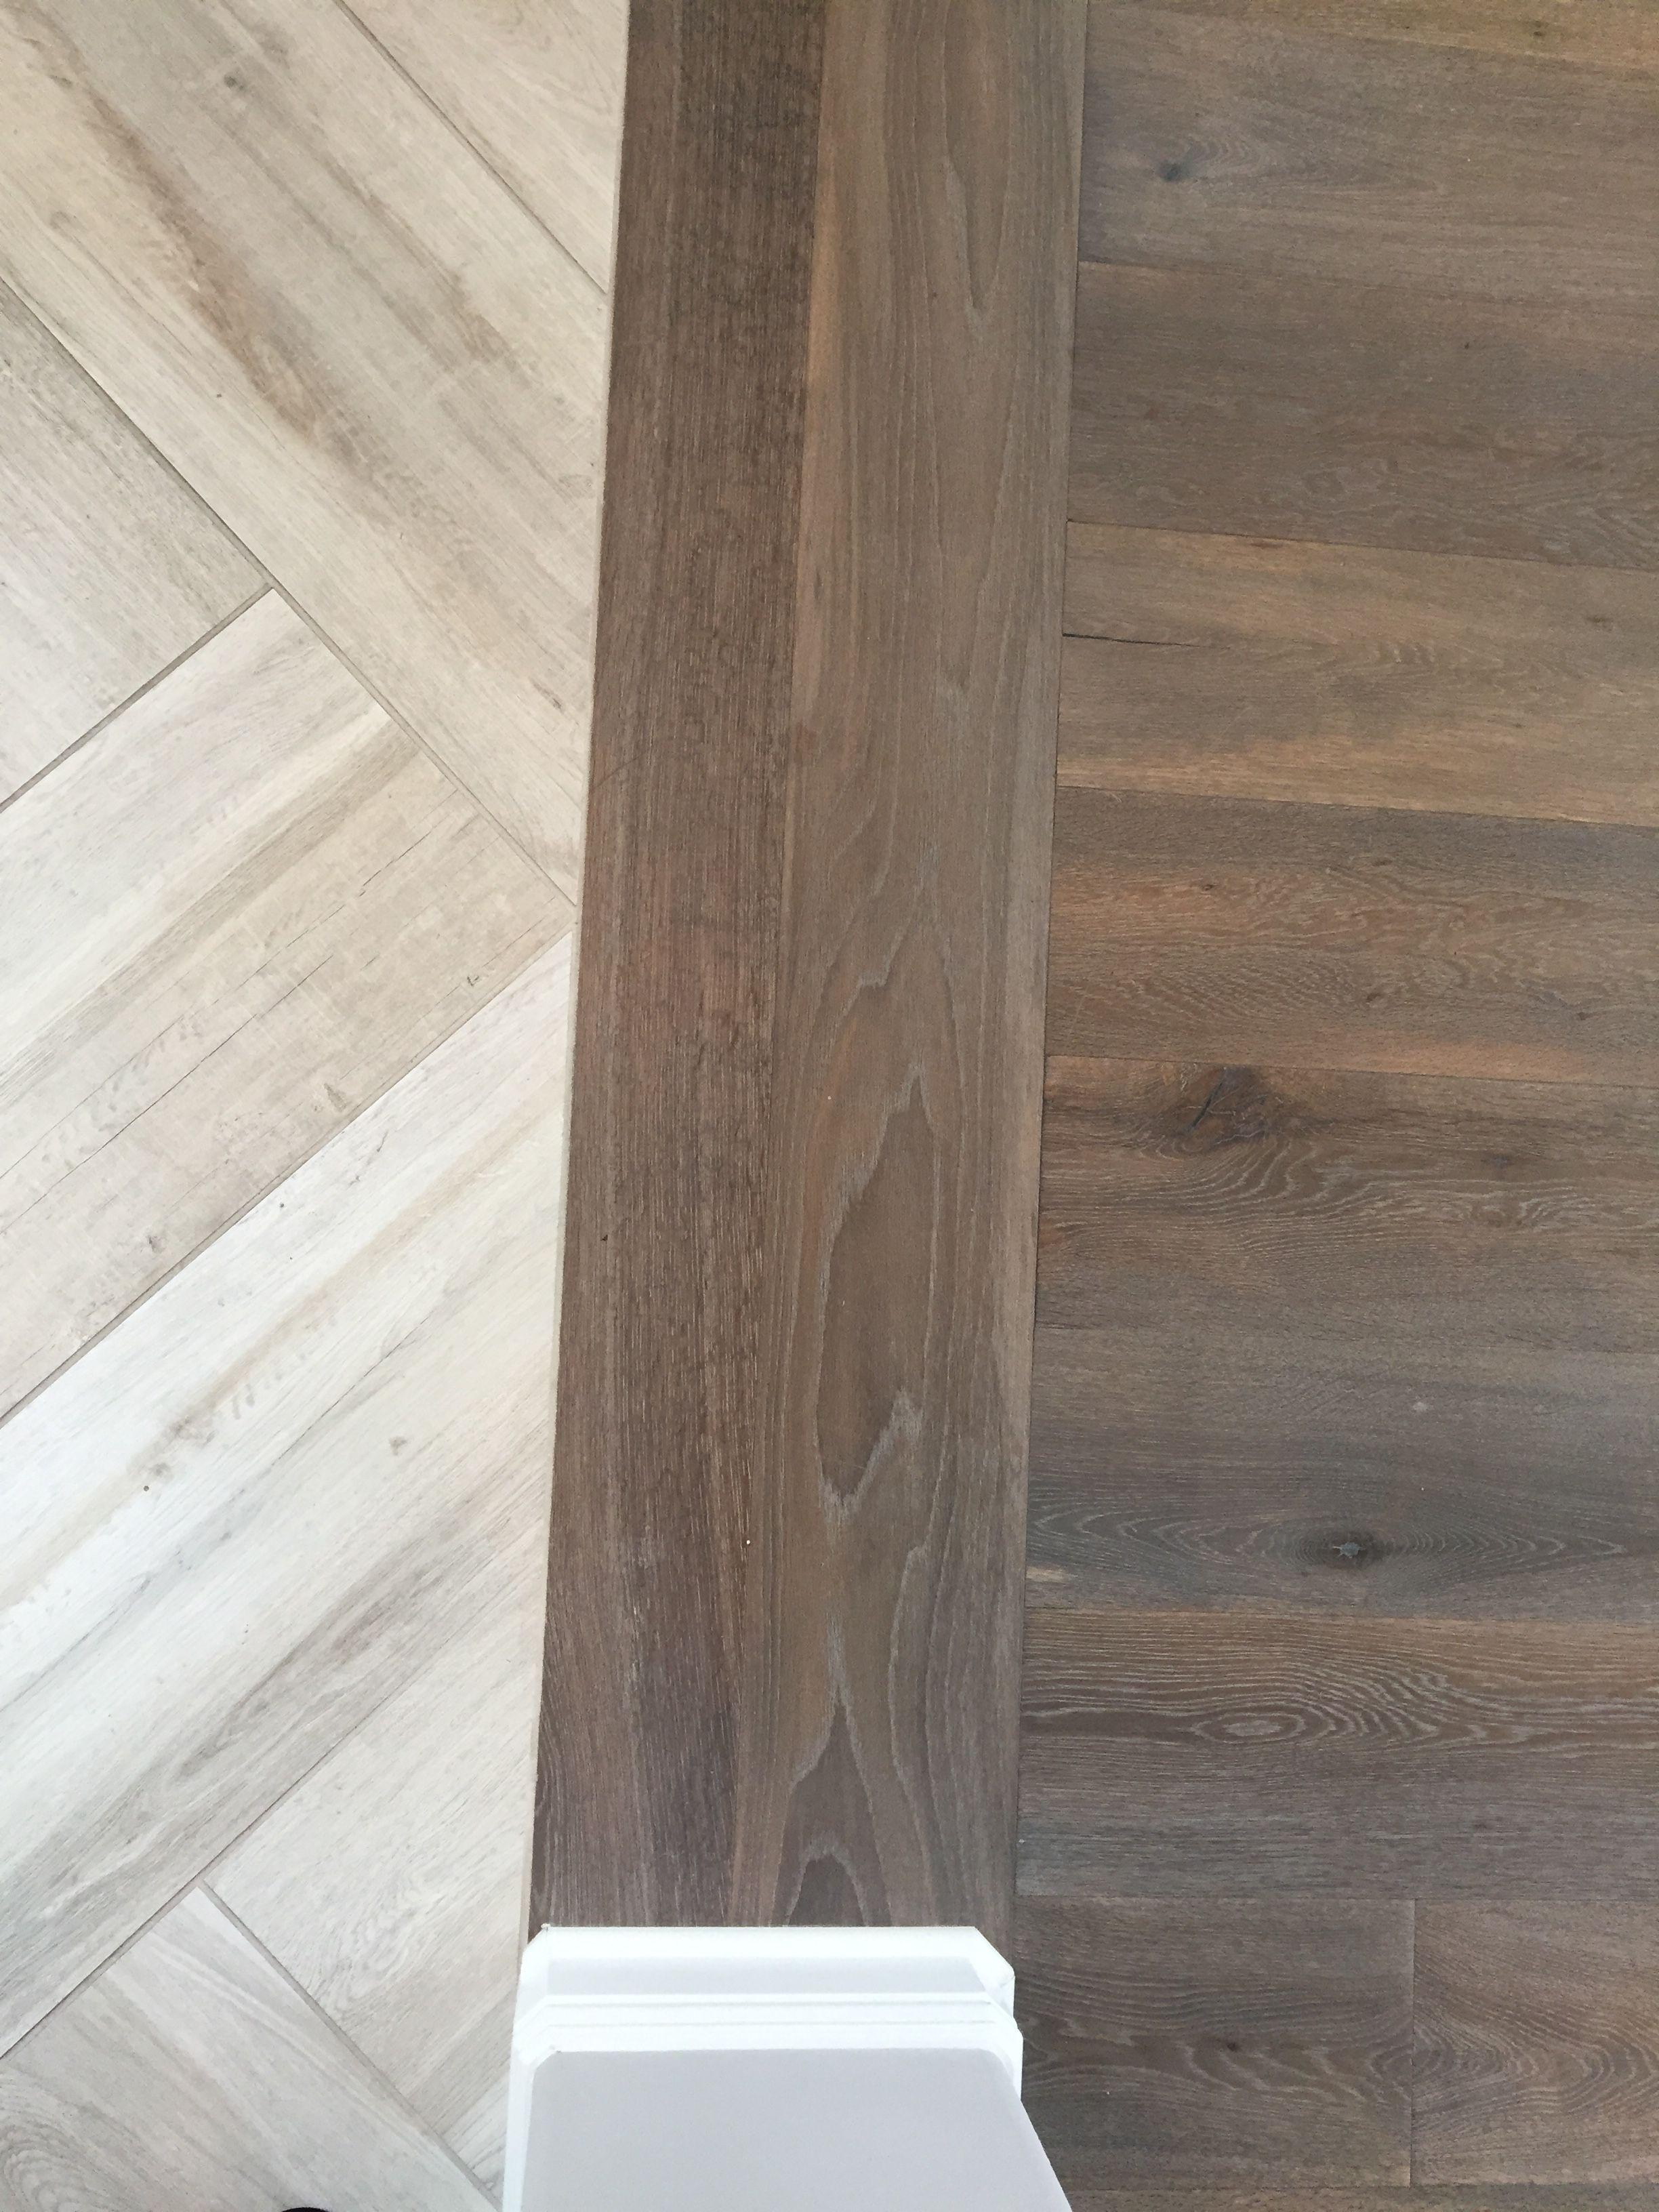 Are Dark or Light Hardwood Floors Better Of Floor Transition Laminate to Herringbone Tile Pattern Model Inside Floor Transition Laminate to Herringbone Tile Pattern Herringbone Tile Pattern Herringbone Wood Floor